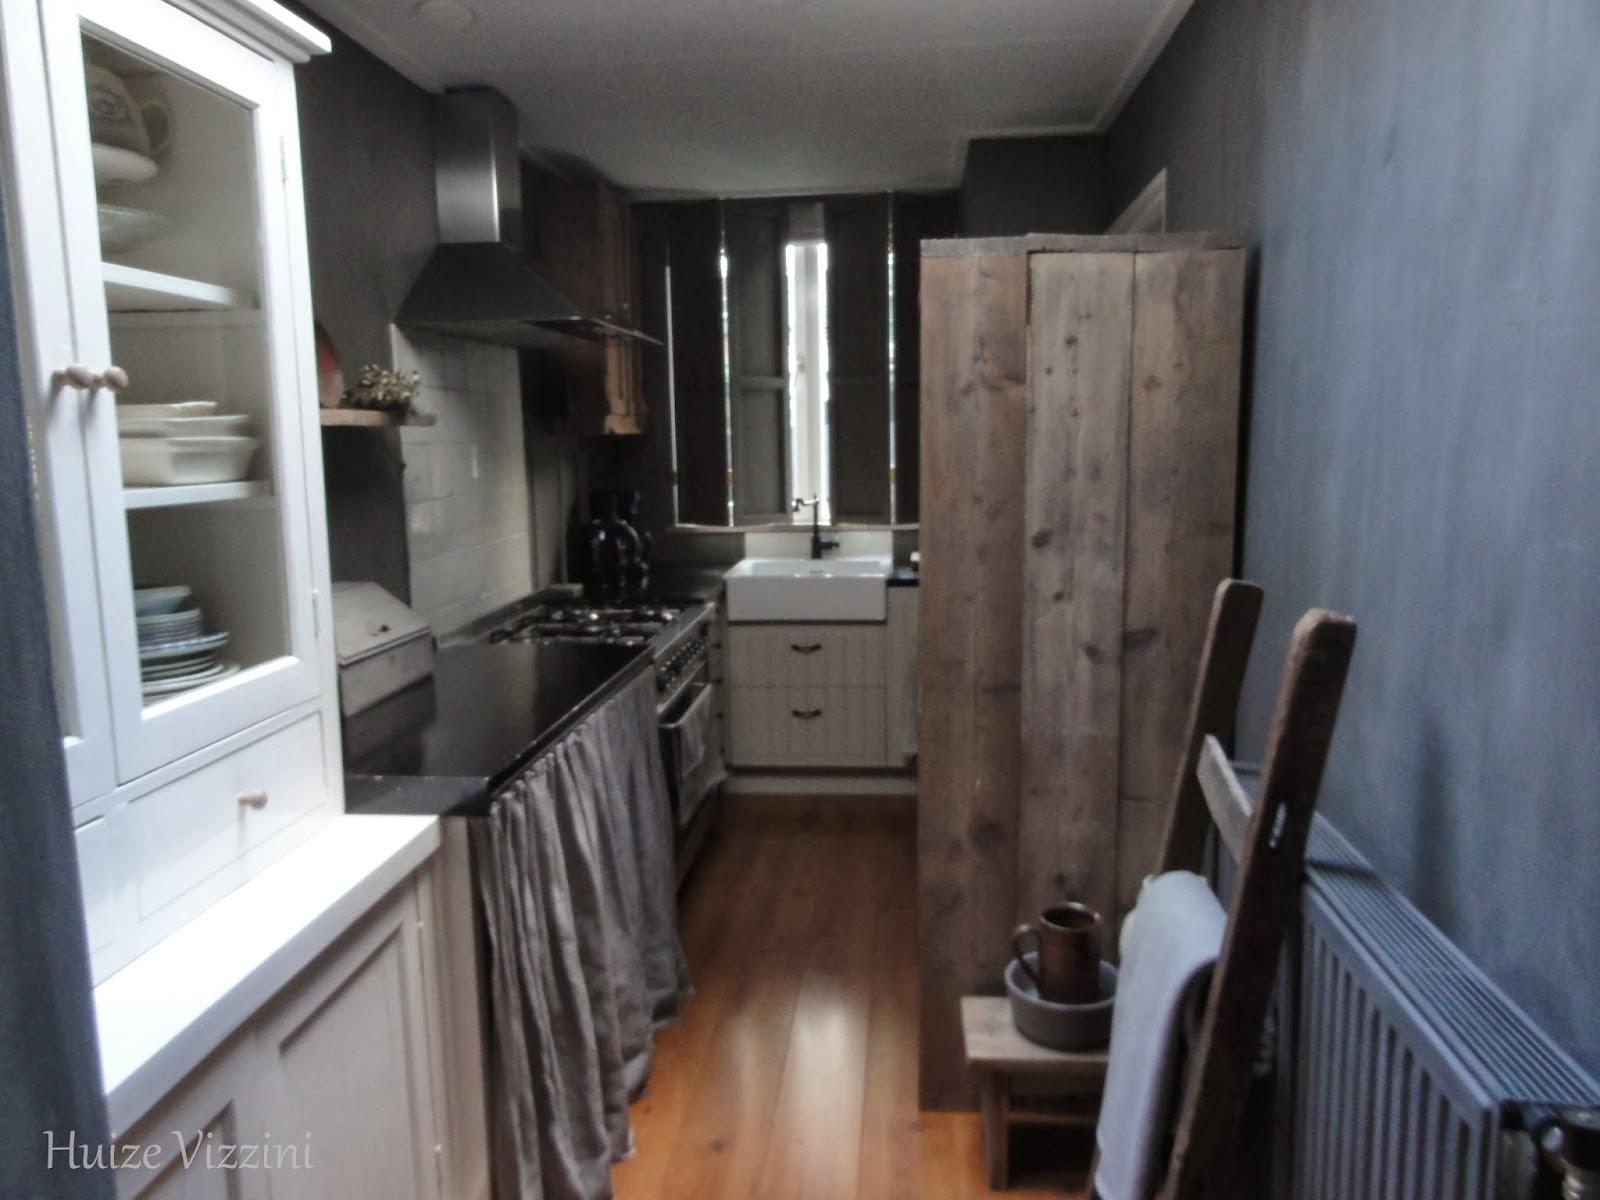 Keuken - Keuken kleur idee ...